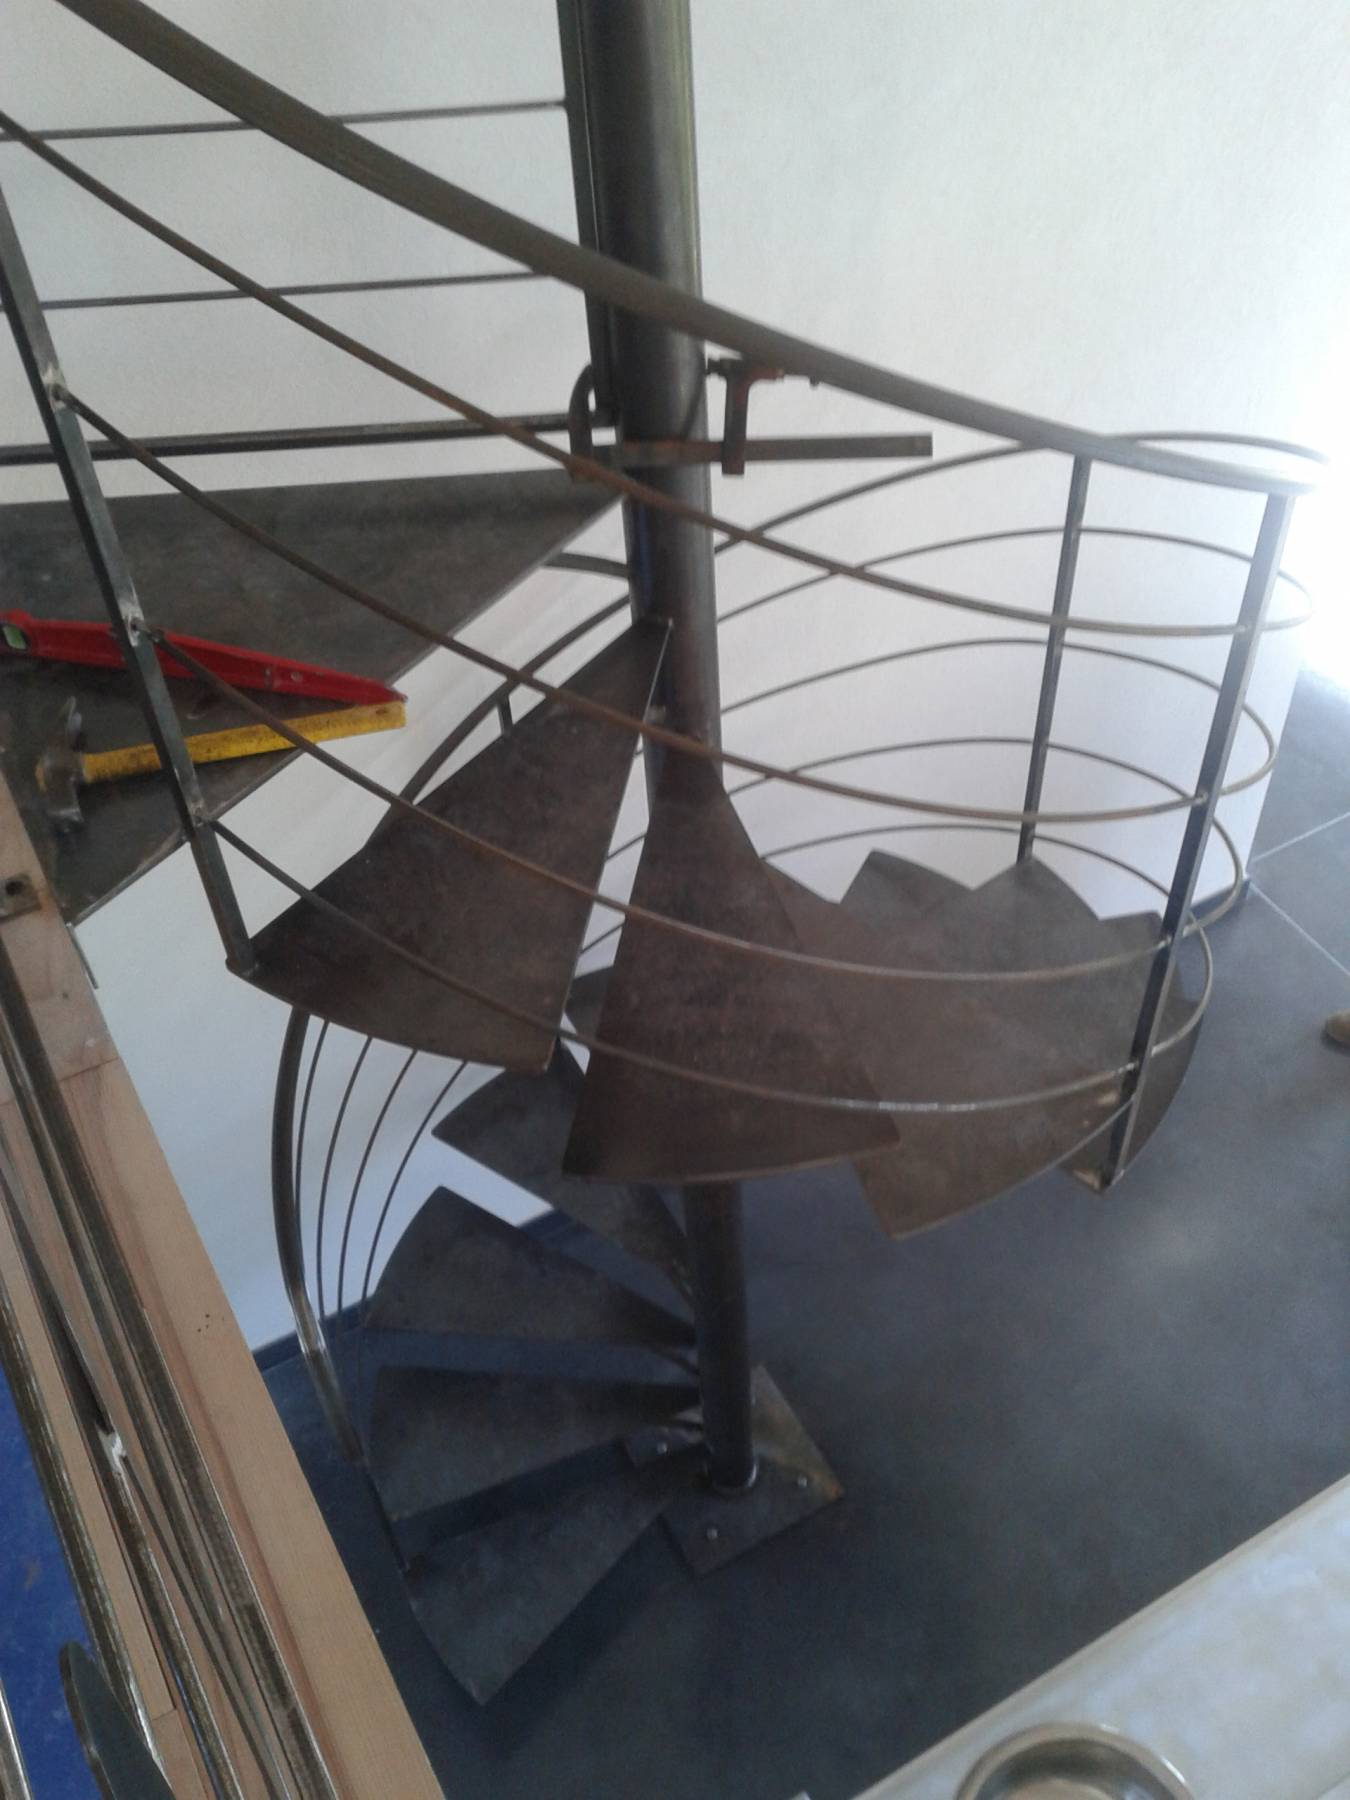 Fabrication sur mesure dun escalier en acier colimaçon et so